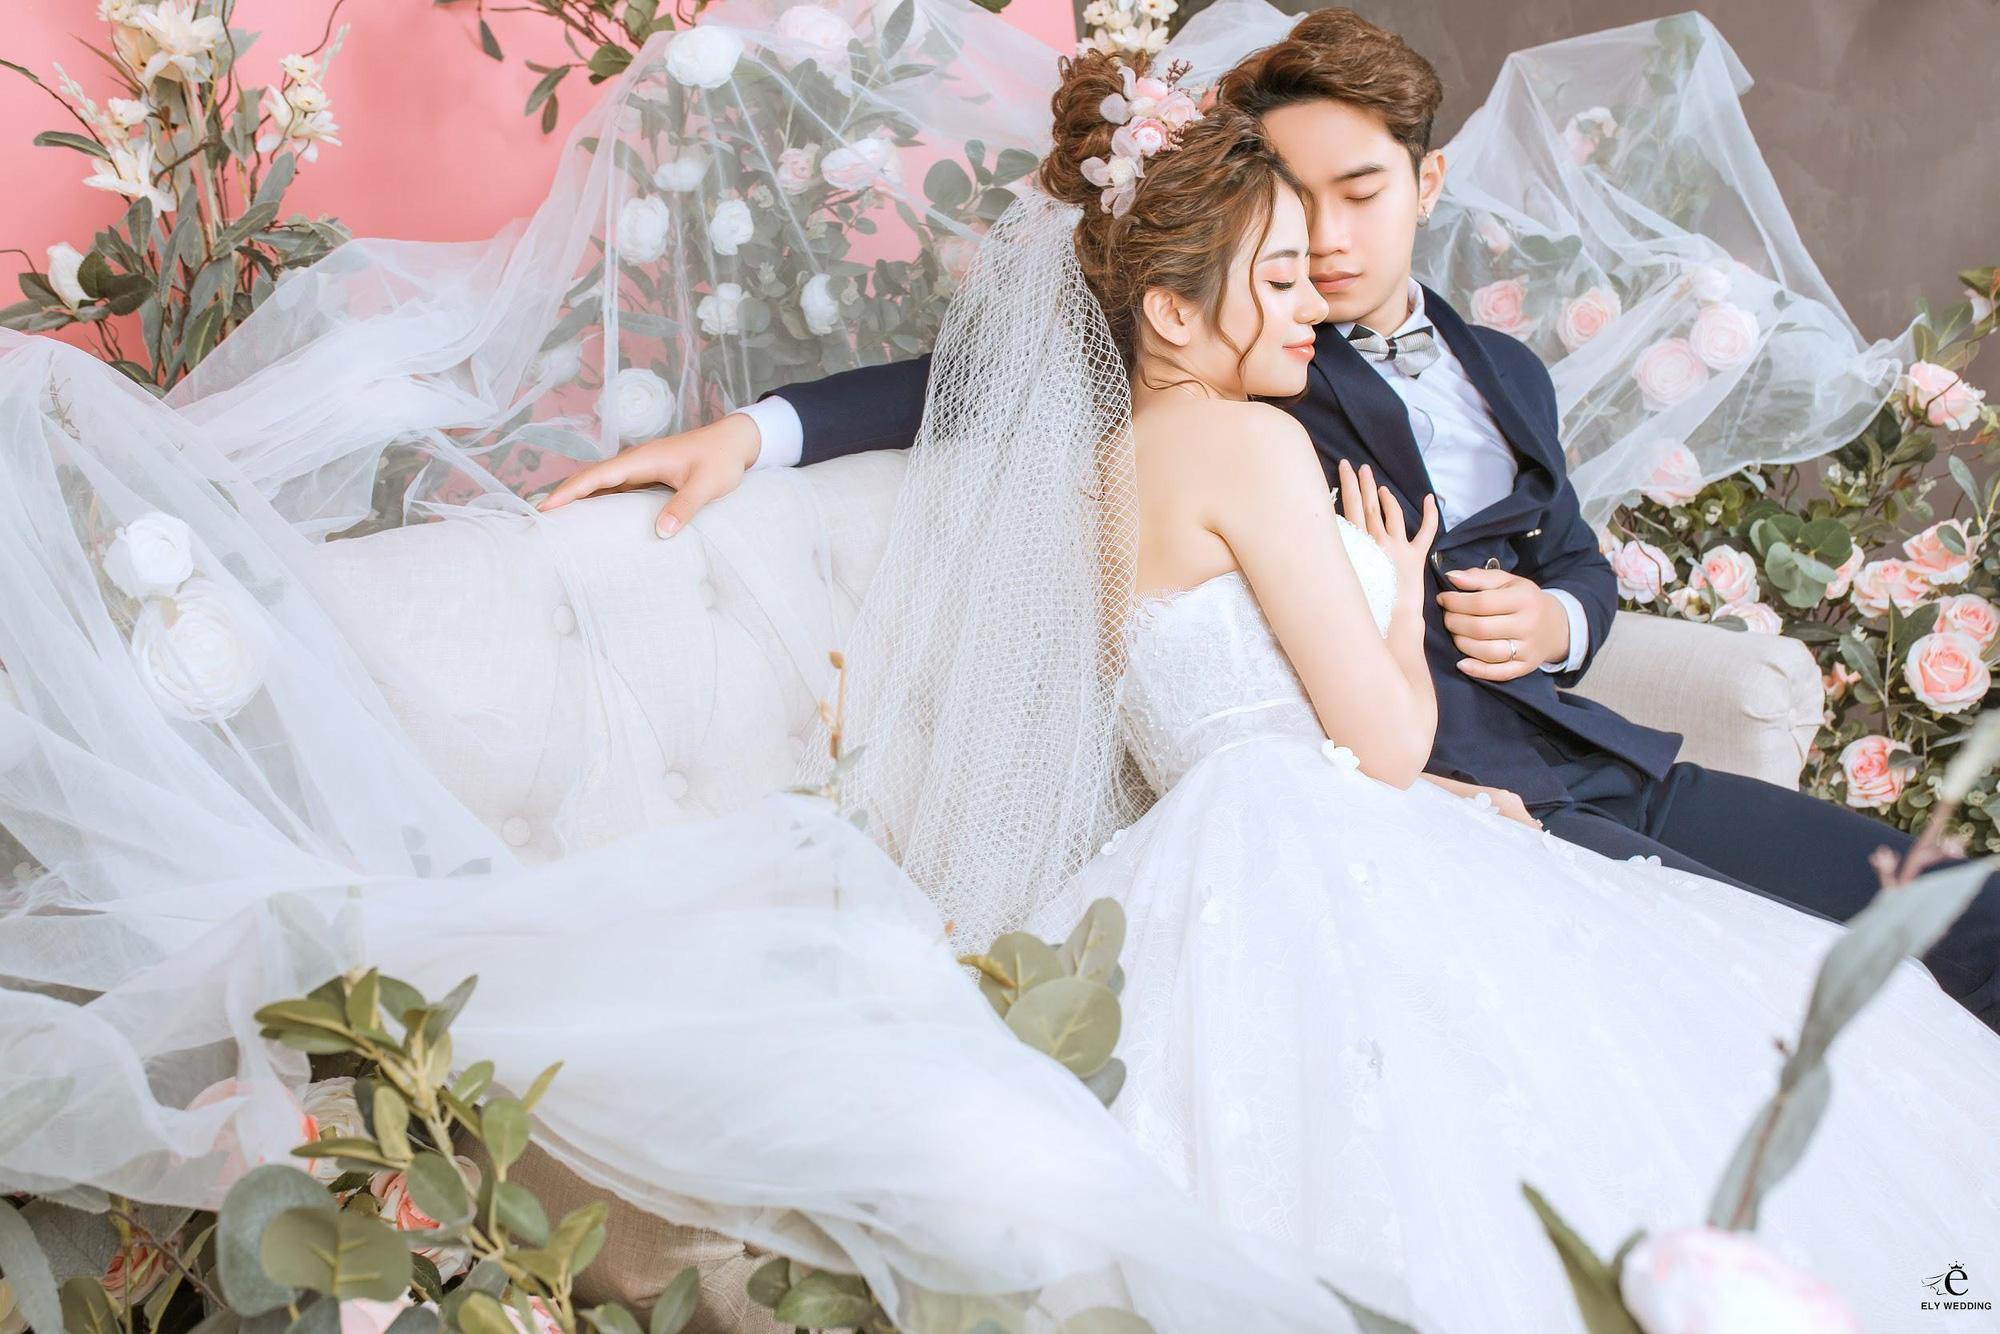 Mách nhỏ 5 địa điểm chụp ảnh cưới hot nhất Hà Nội, cứ đến là có ảnh đẹp! - Ảnh 3.